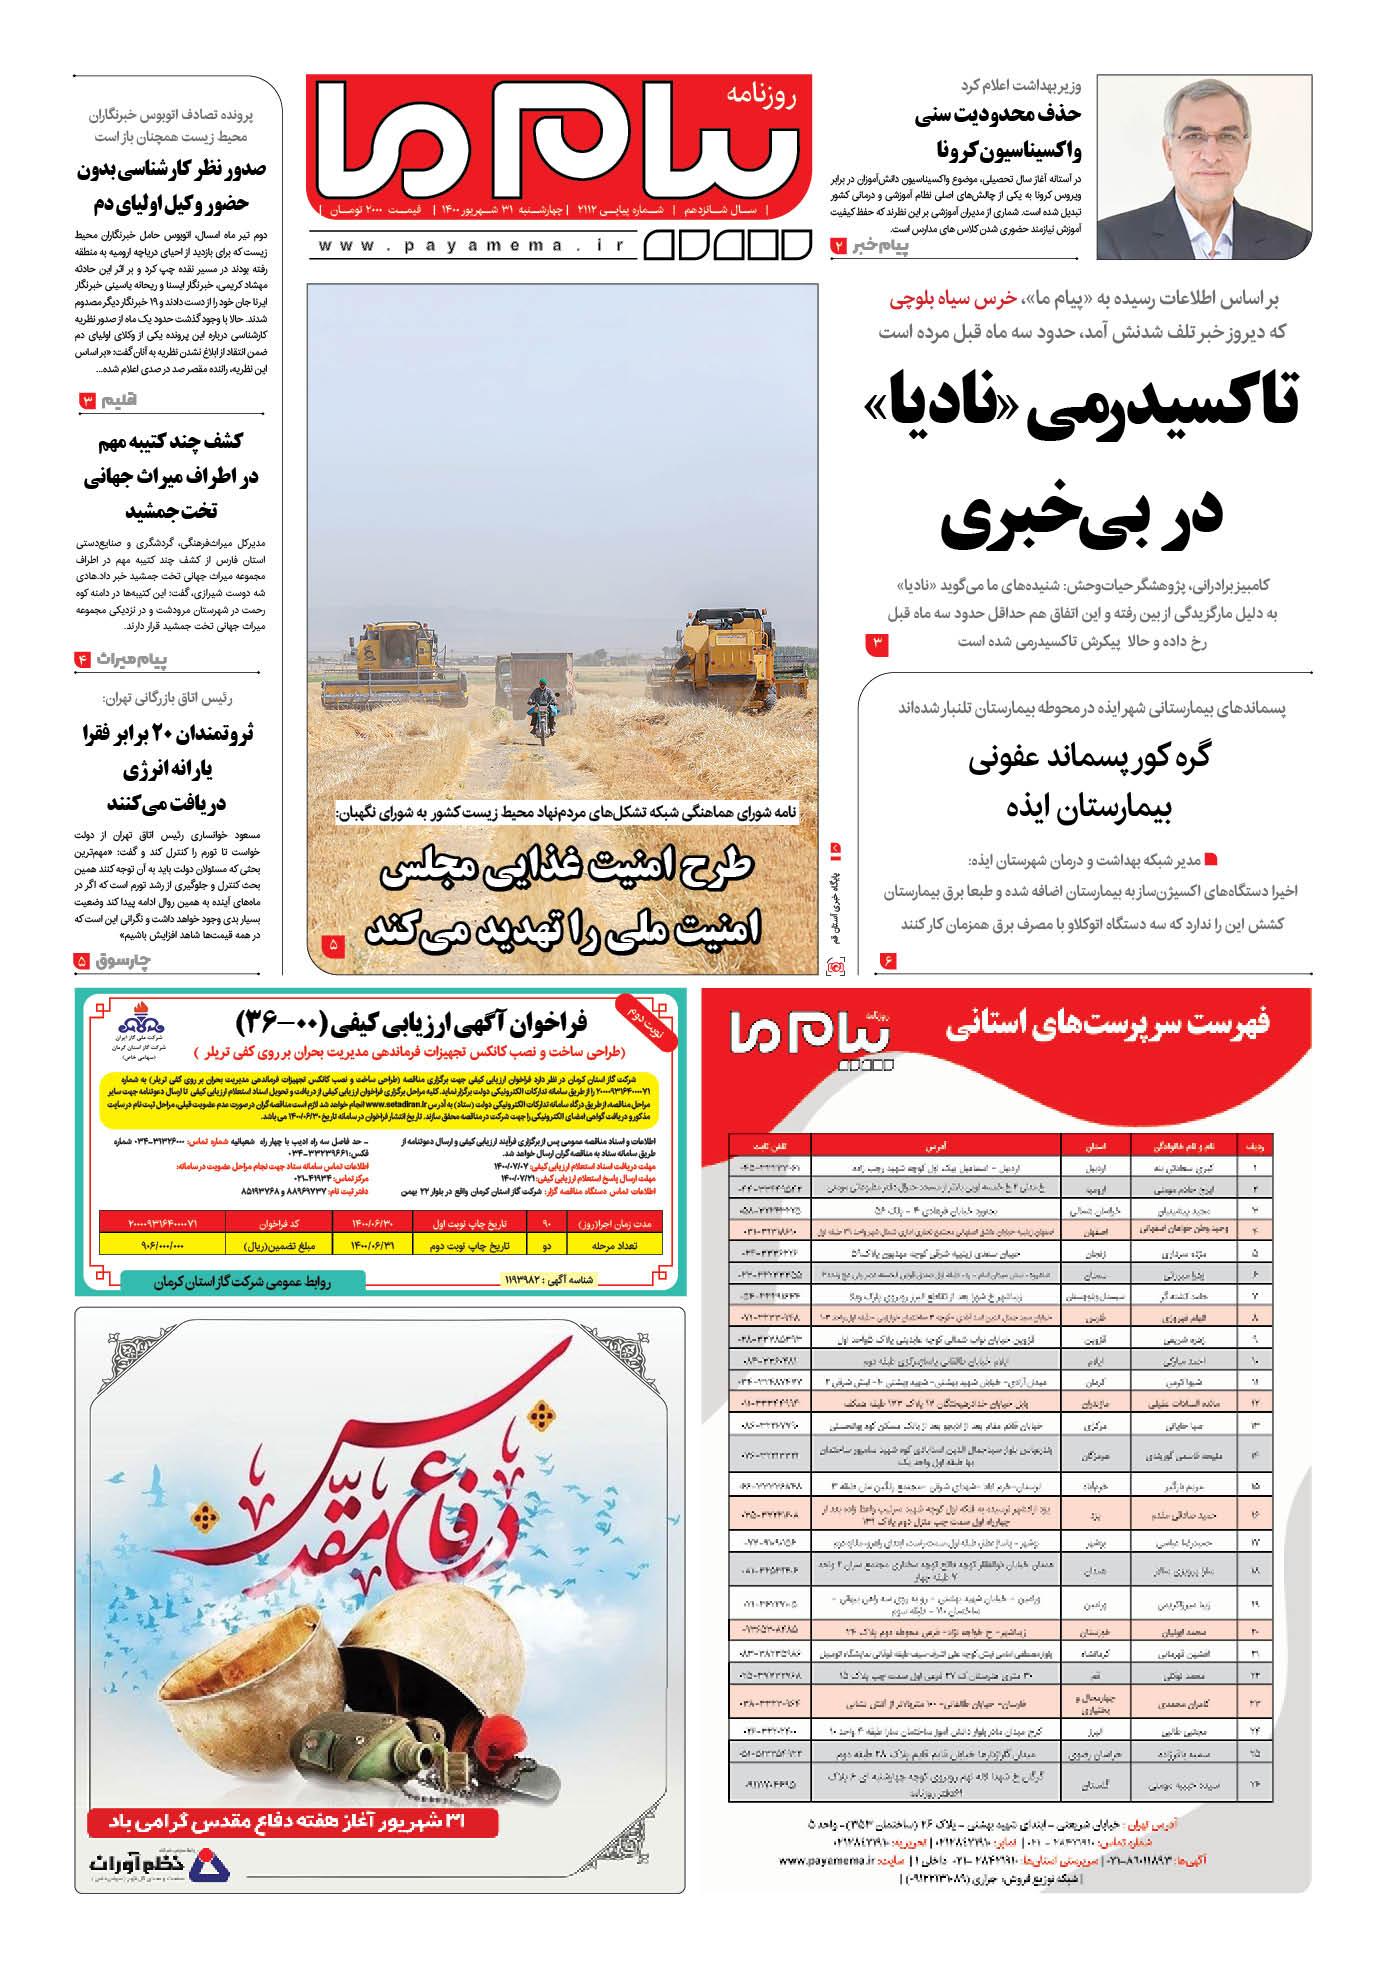 صفحه اول شماره 2112 روزنامه پیام ما